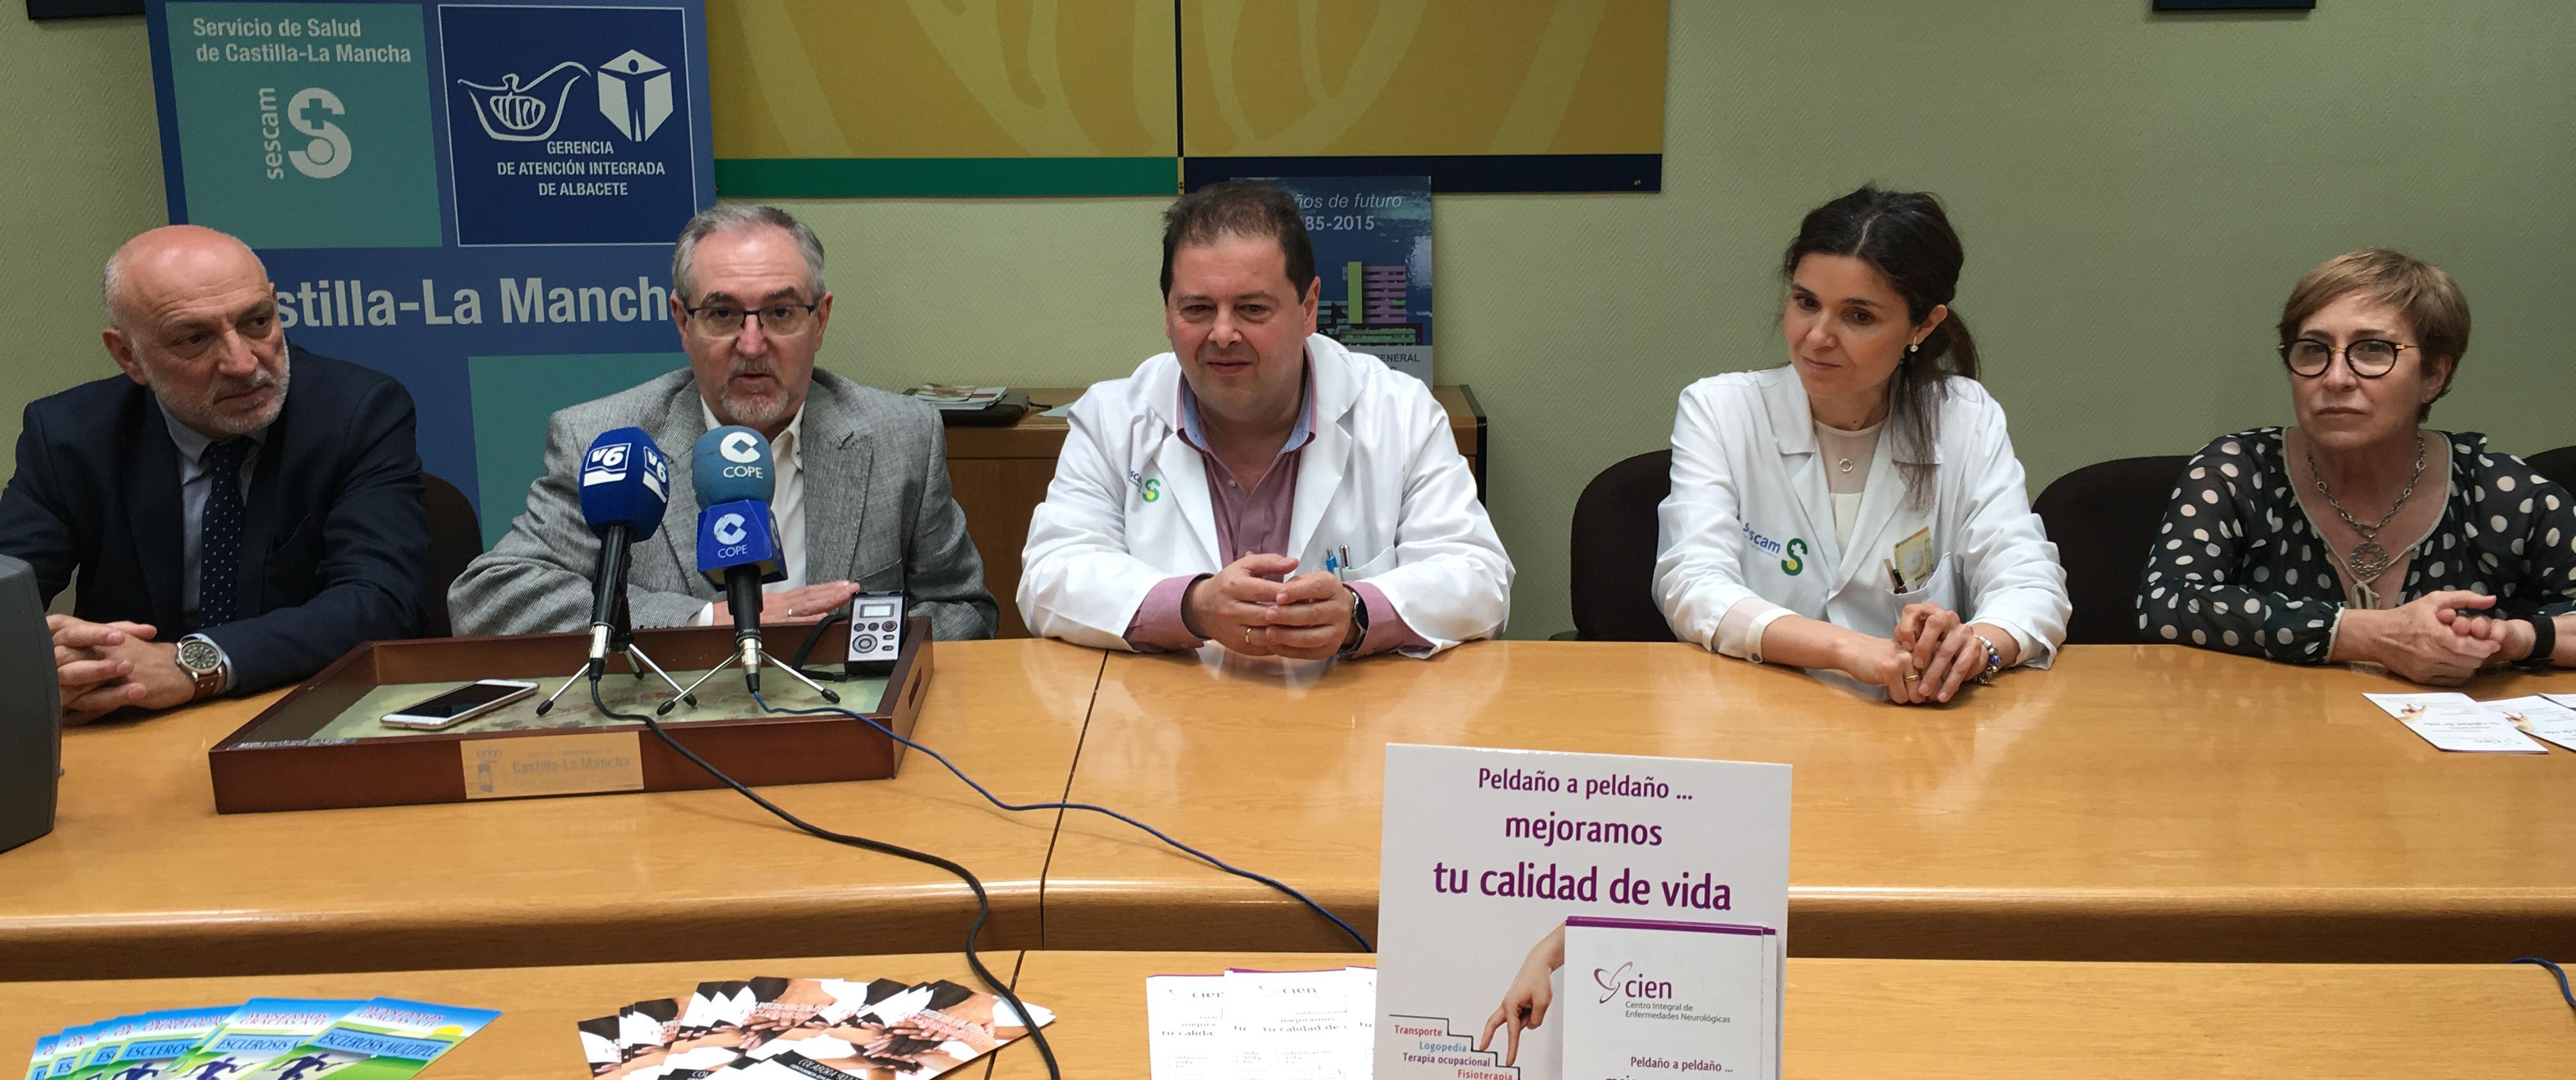 Se celebra en Albacete el próximo martes 15 de mayo el Día de la Esclerosis Múltiple